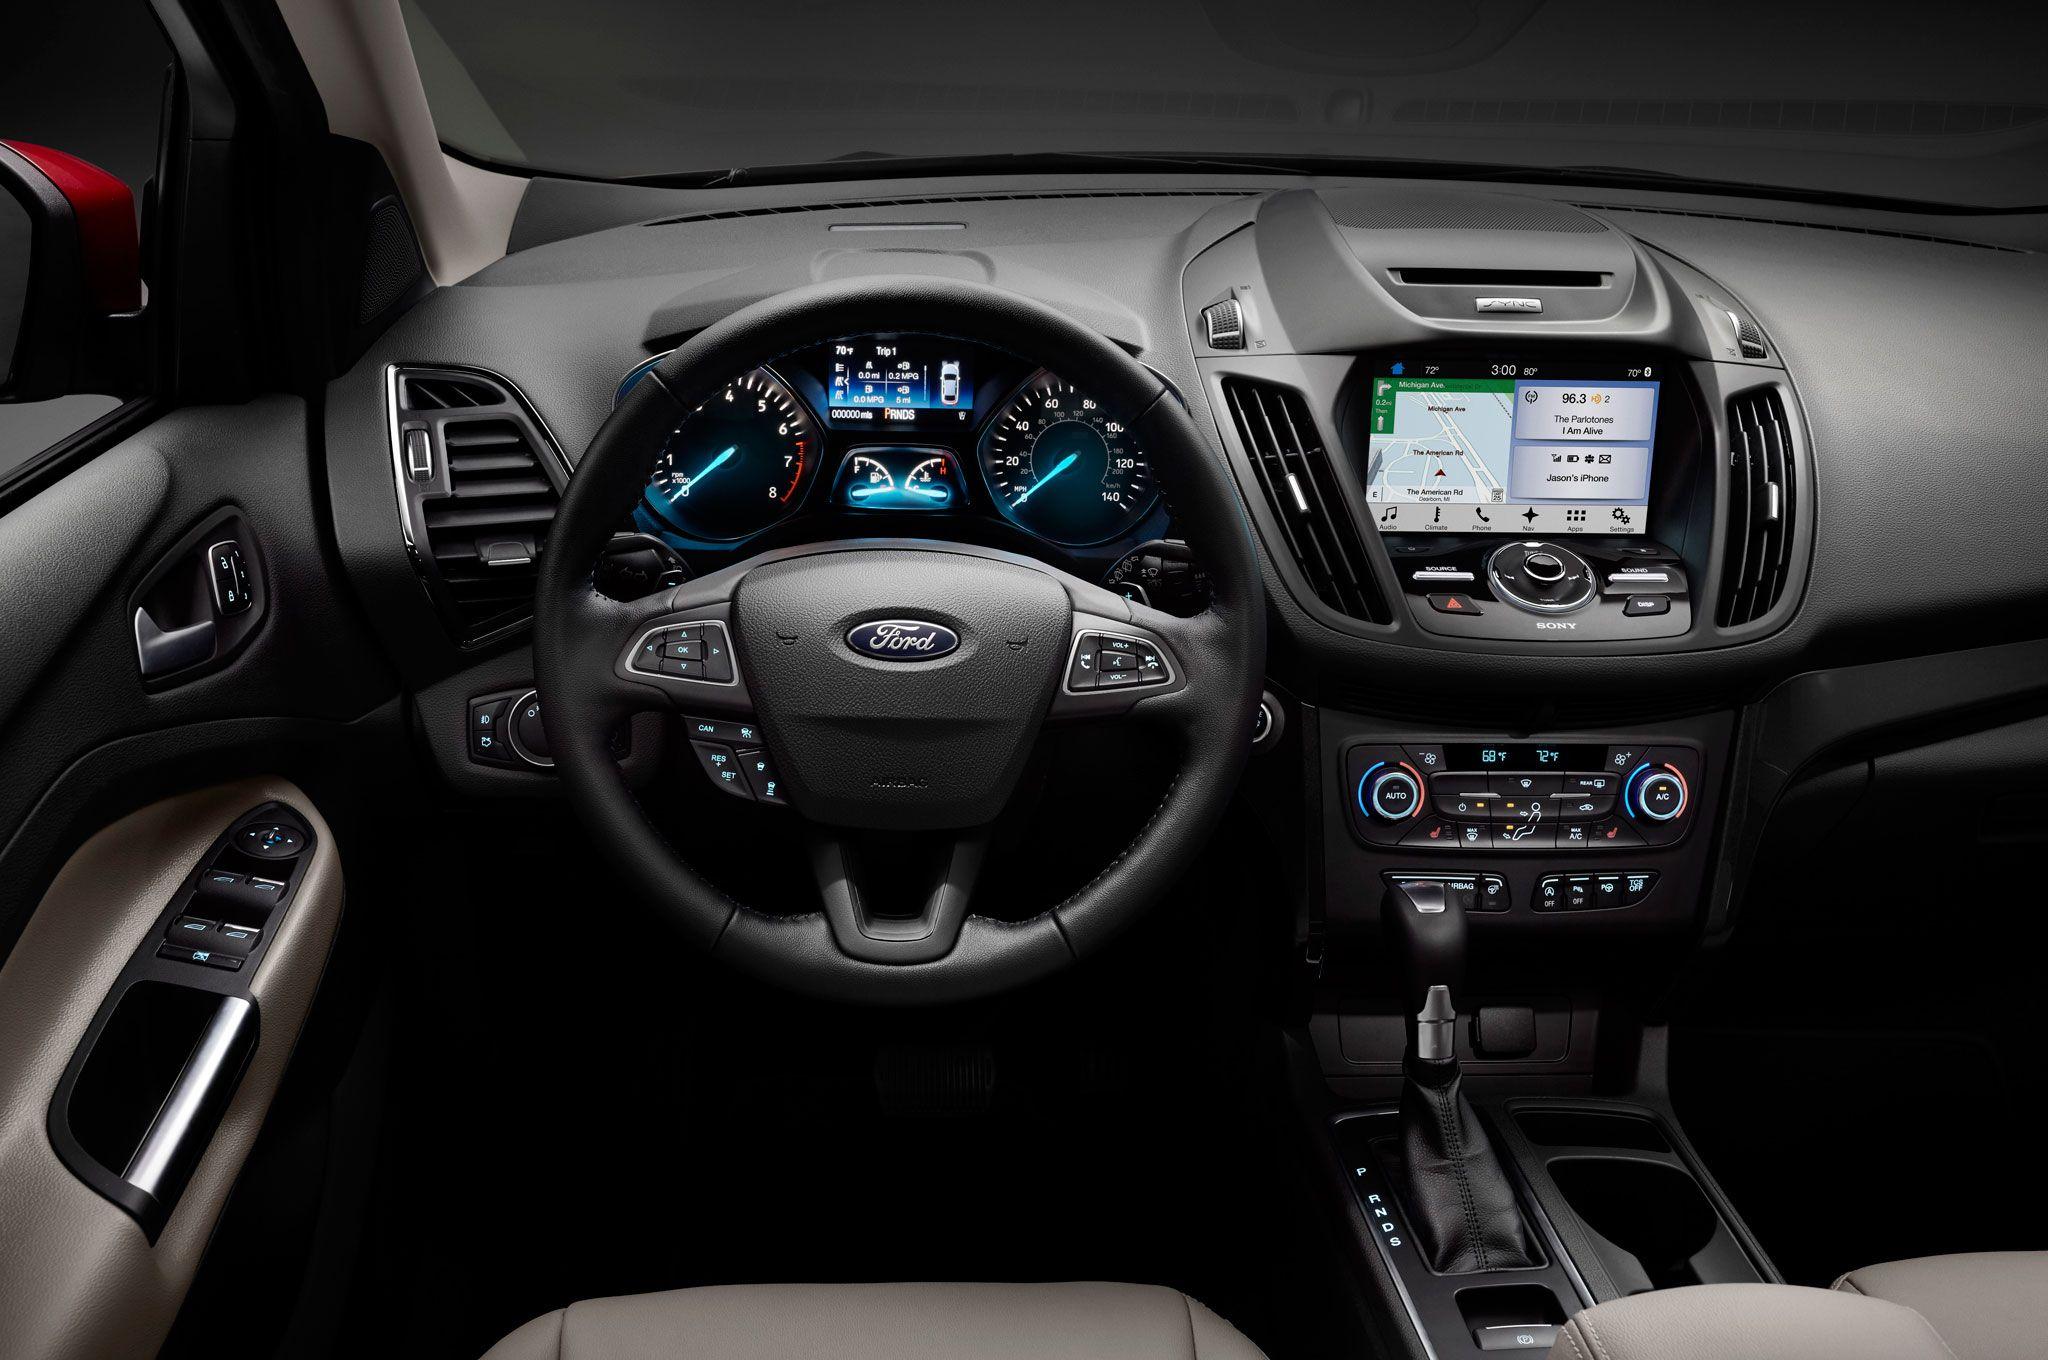 2017 Ford Escape Interior Dashboard